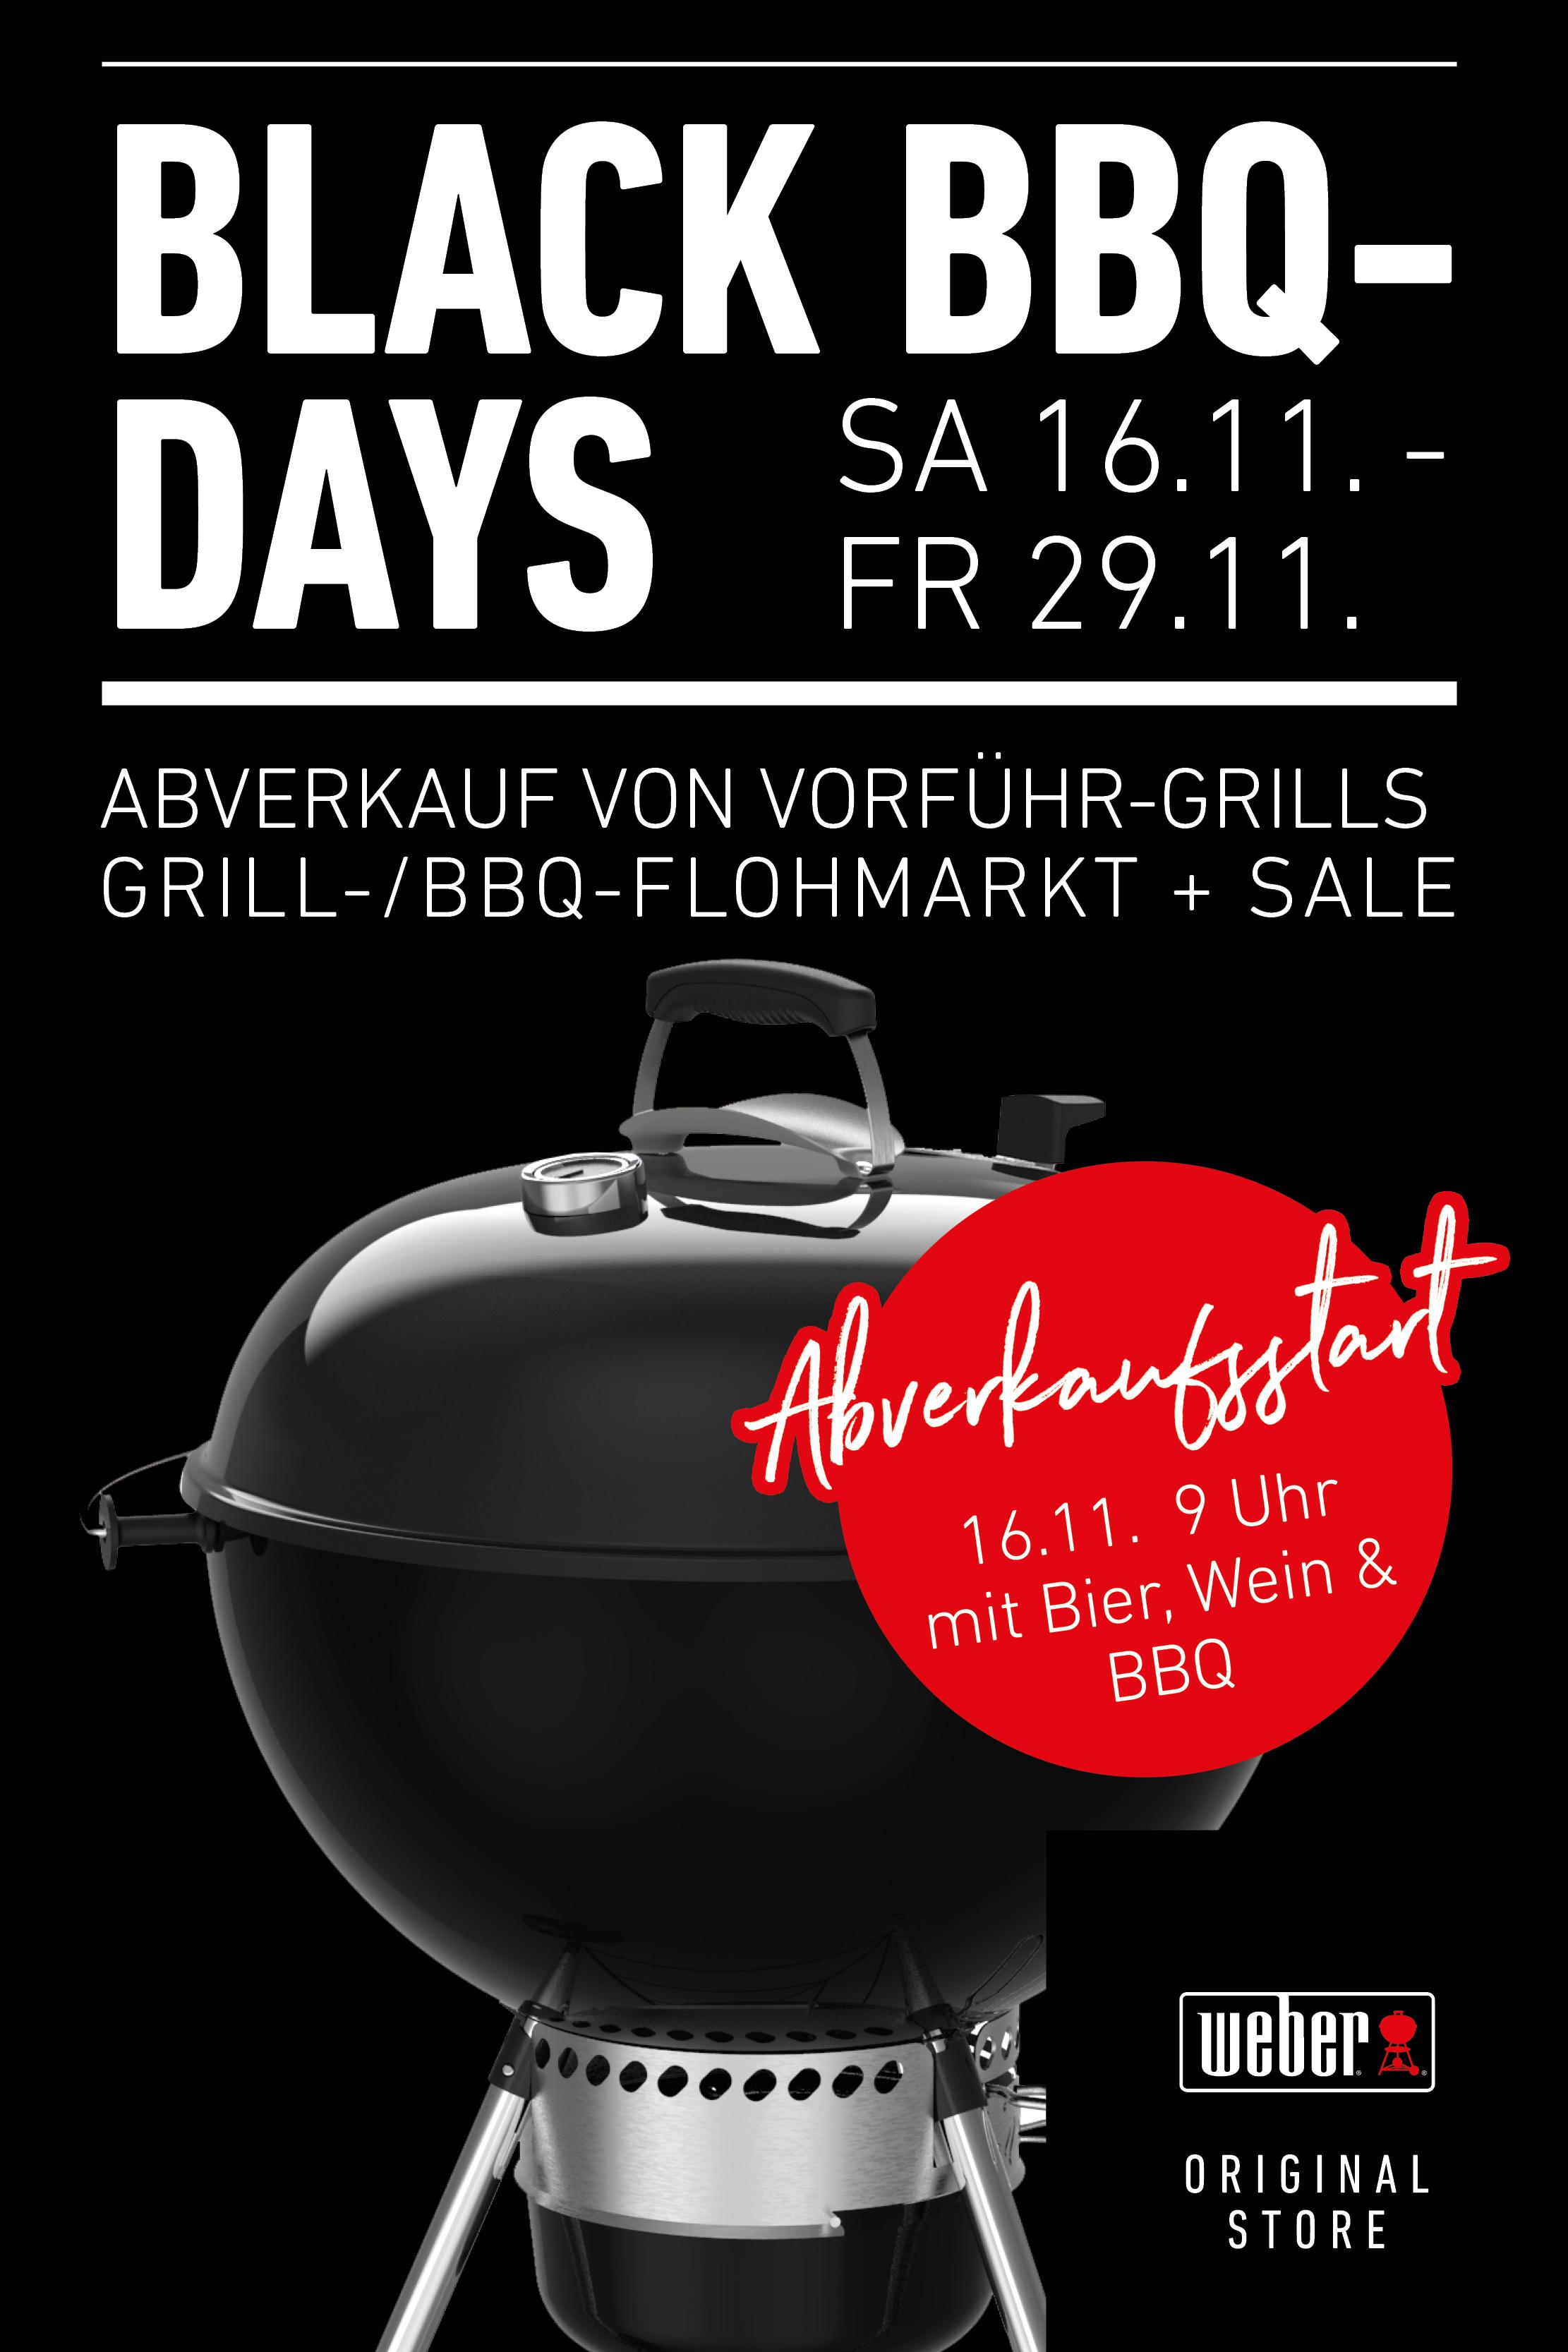 Weber Abverkauf - BBQ Daxs